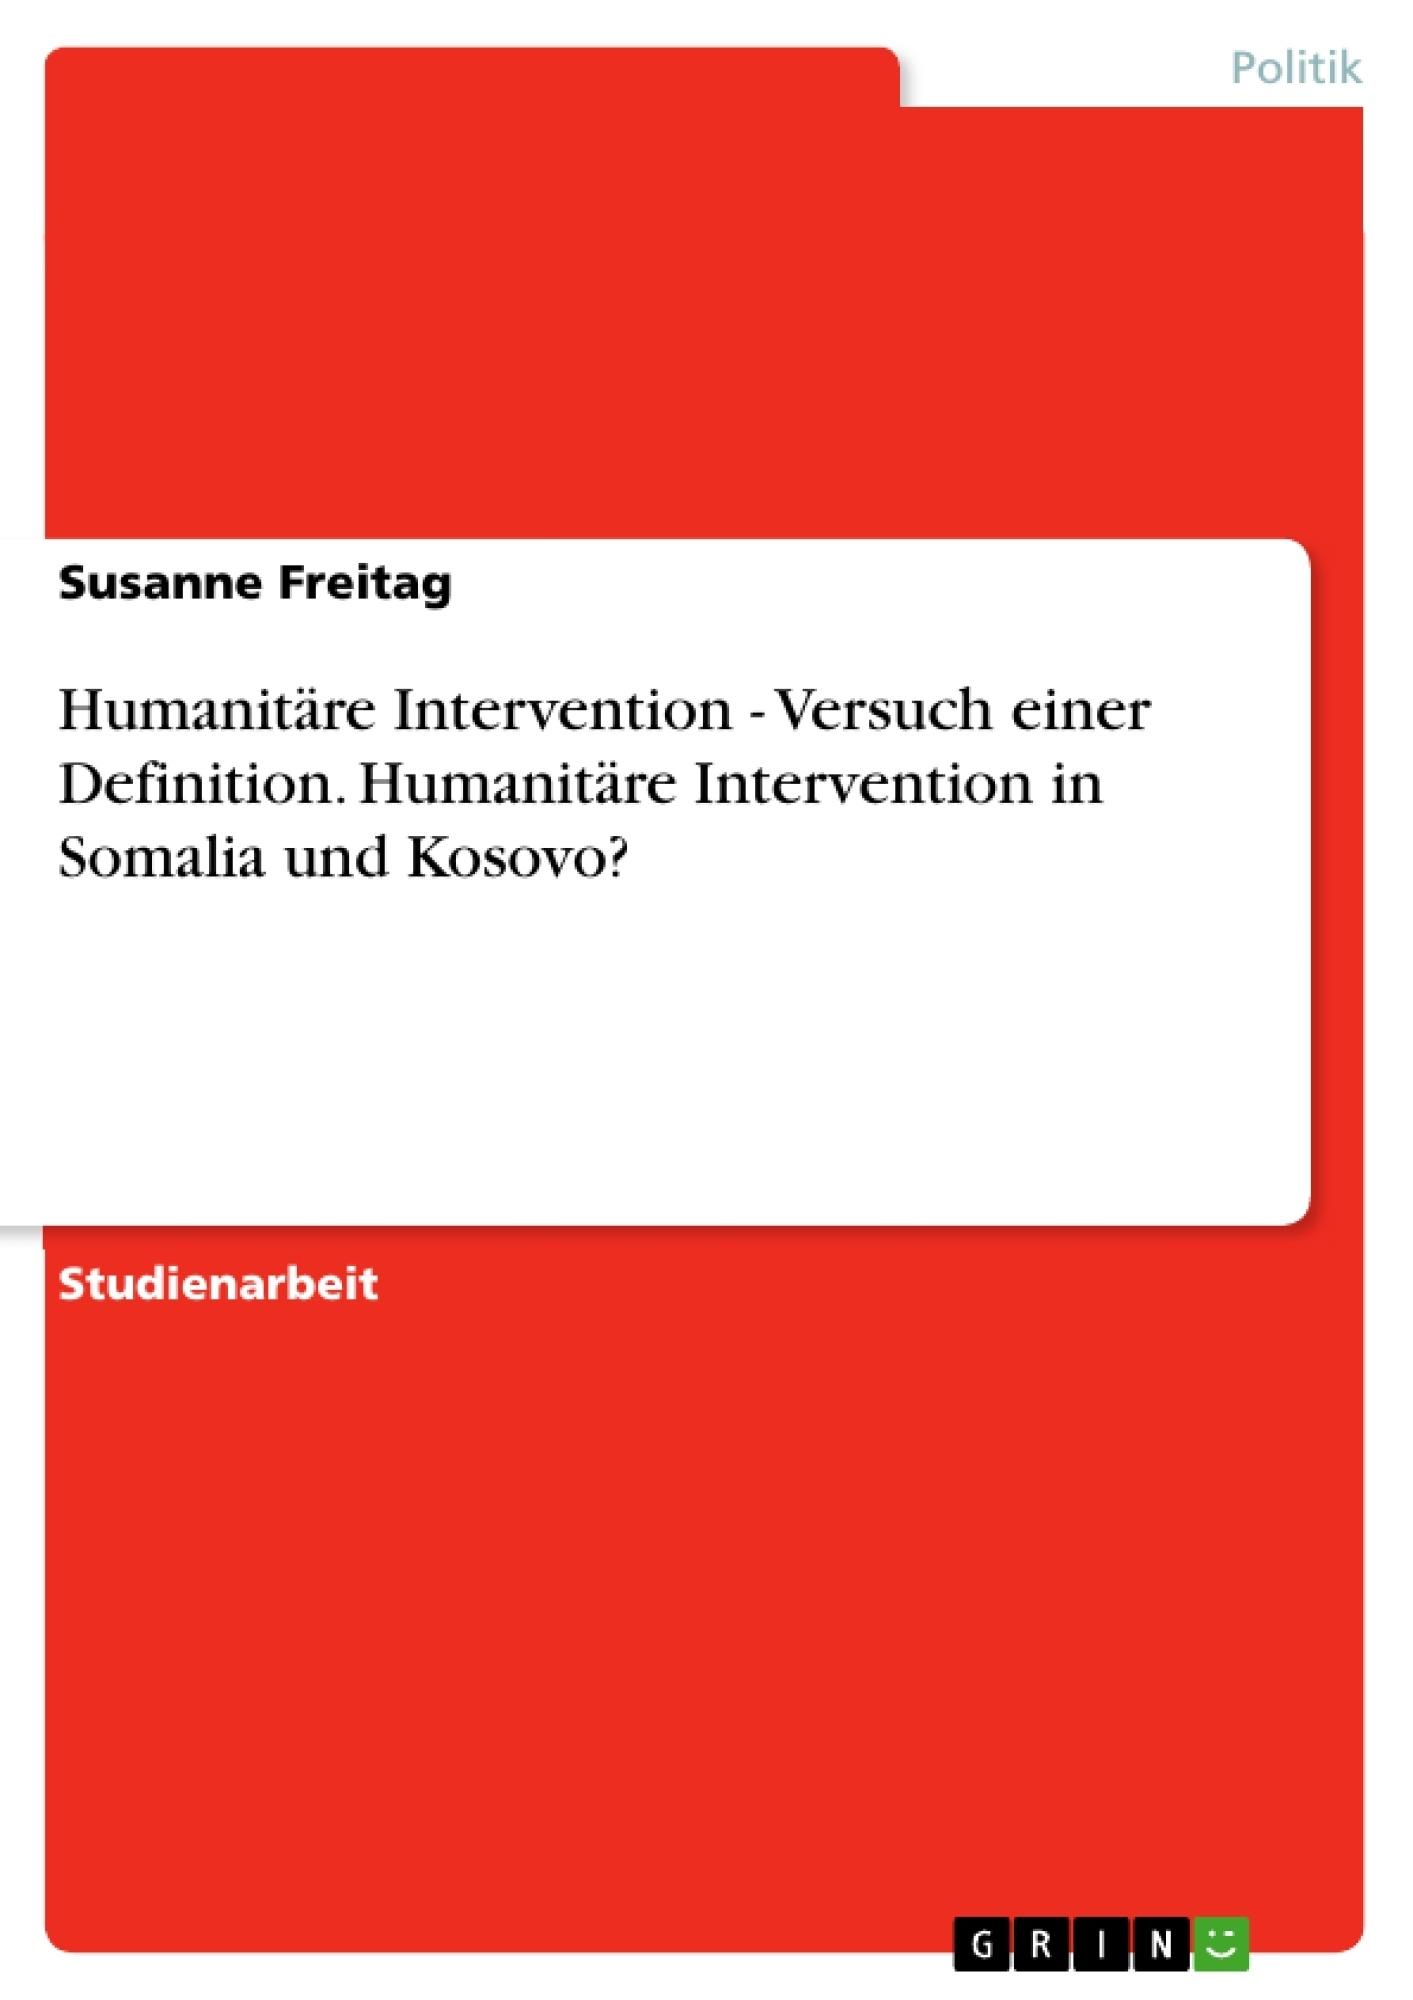 Titel: Humanitäre Intervention - Versuch einer Definition. Humanitäre Intervention in Somalia und Kosovo?